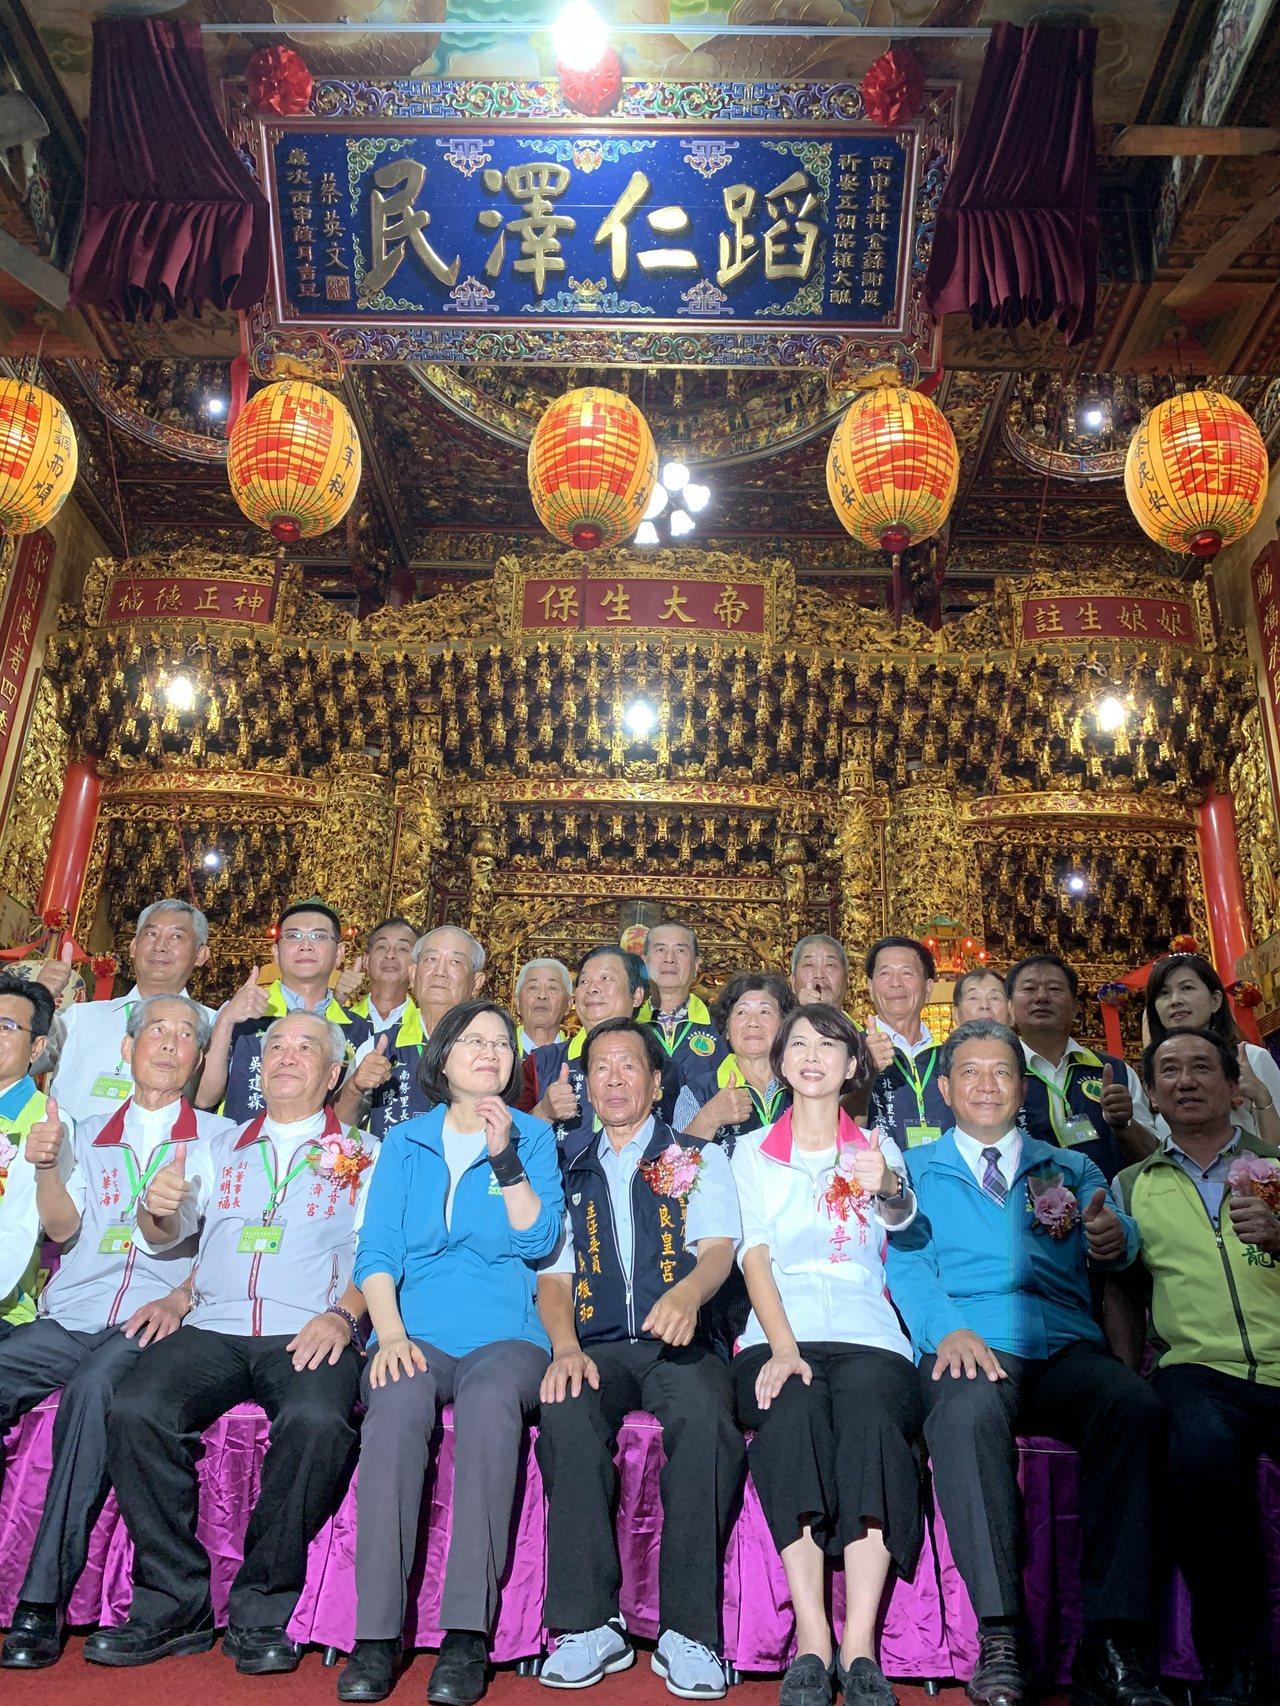 蔡英文今天到麻豆良皇宮為贈匾揭牌。記者吳淑玲/攝影